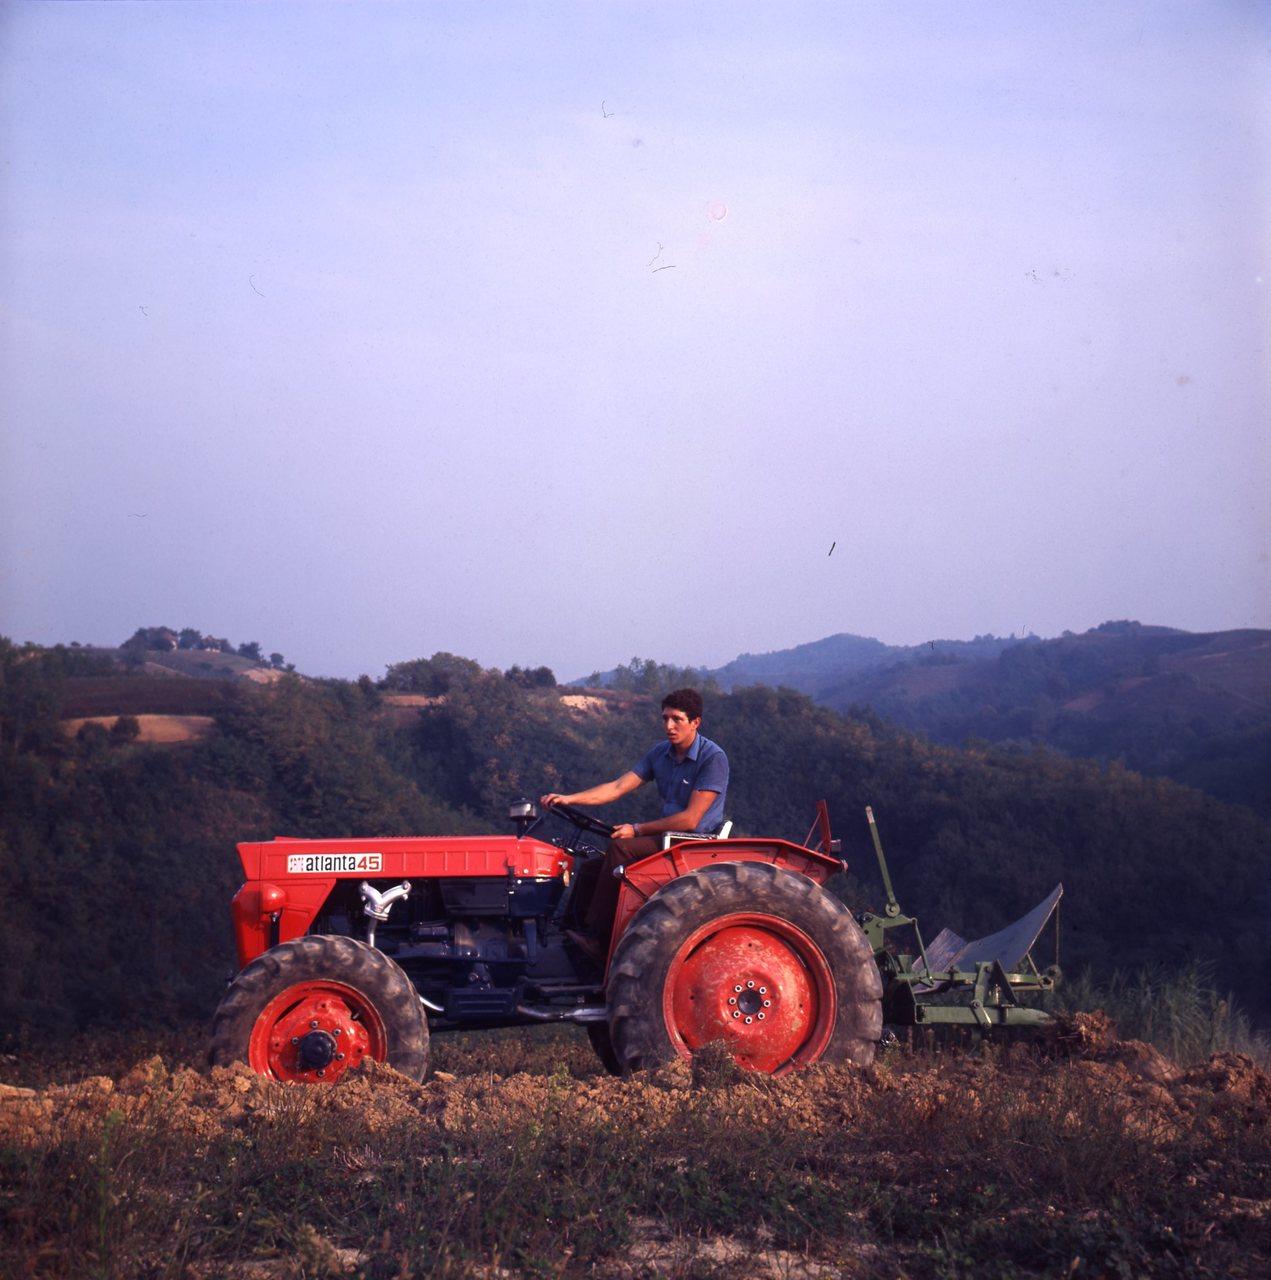 [SAME] trattore Atlanta 45 al lavoro con aratro